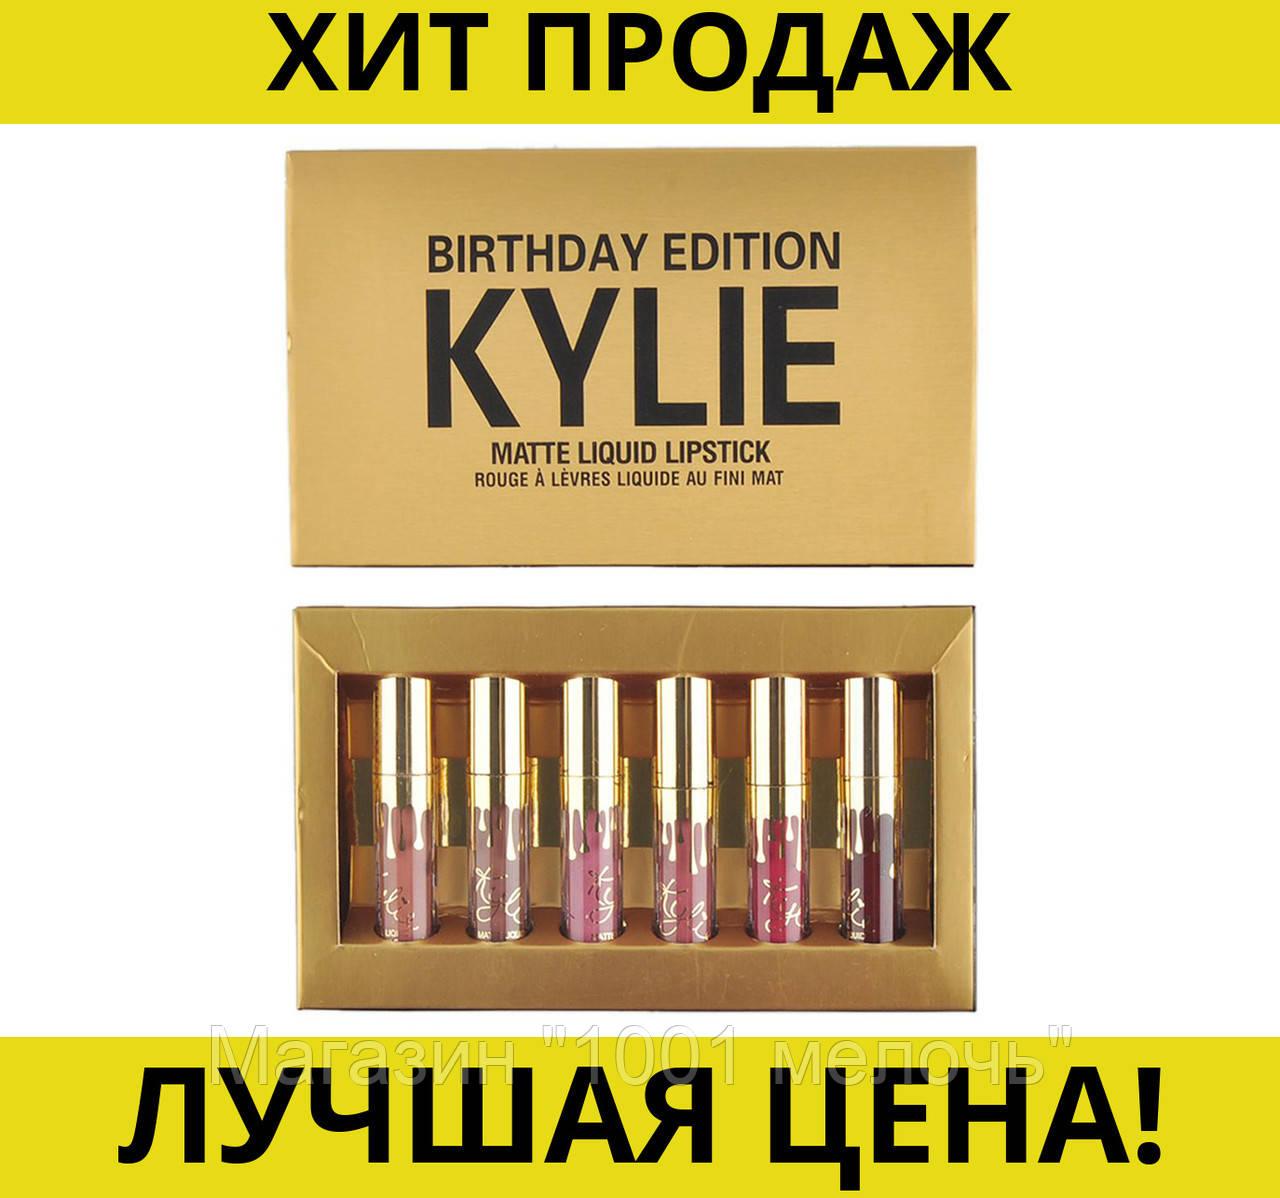 Набор матовых помад Kylie Birthday Edition 6шт